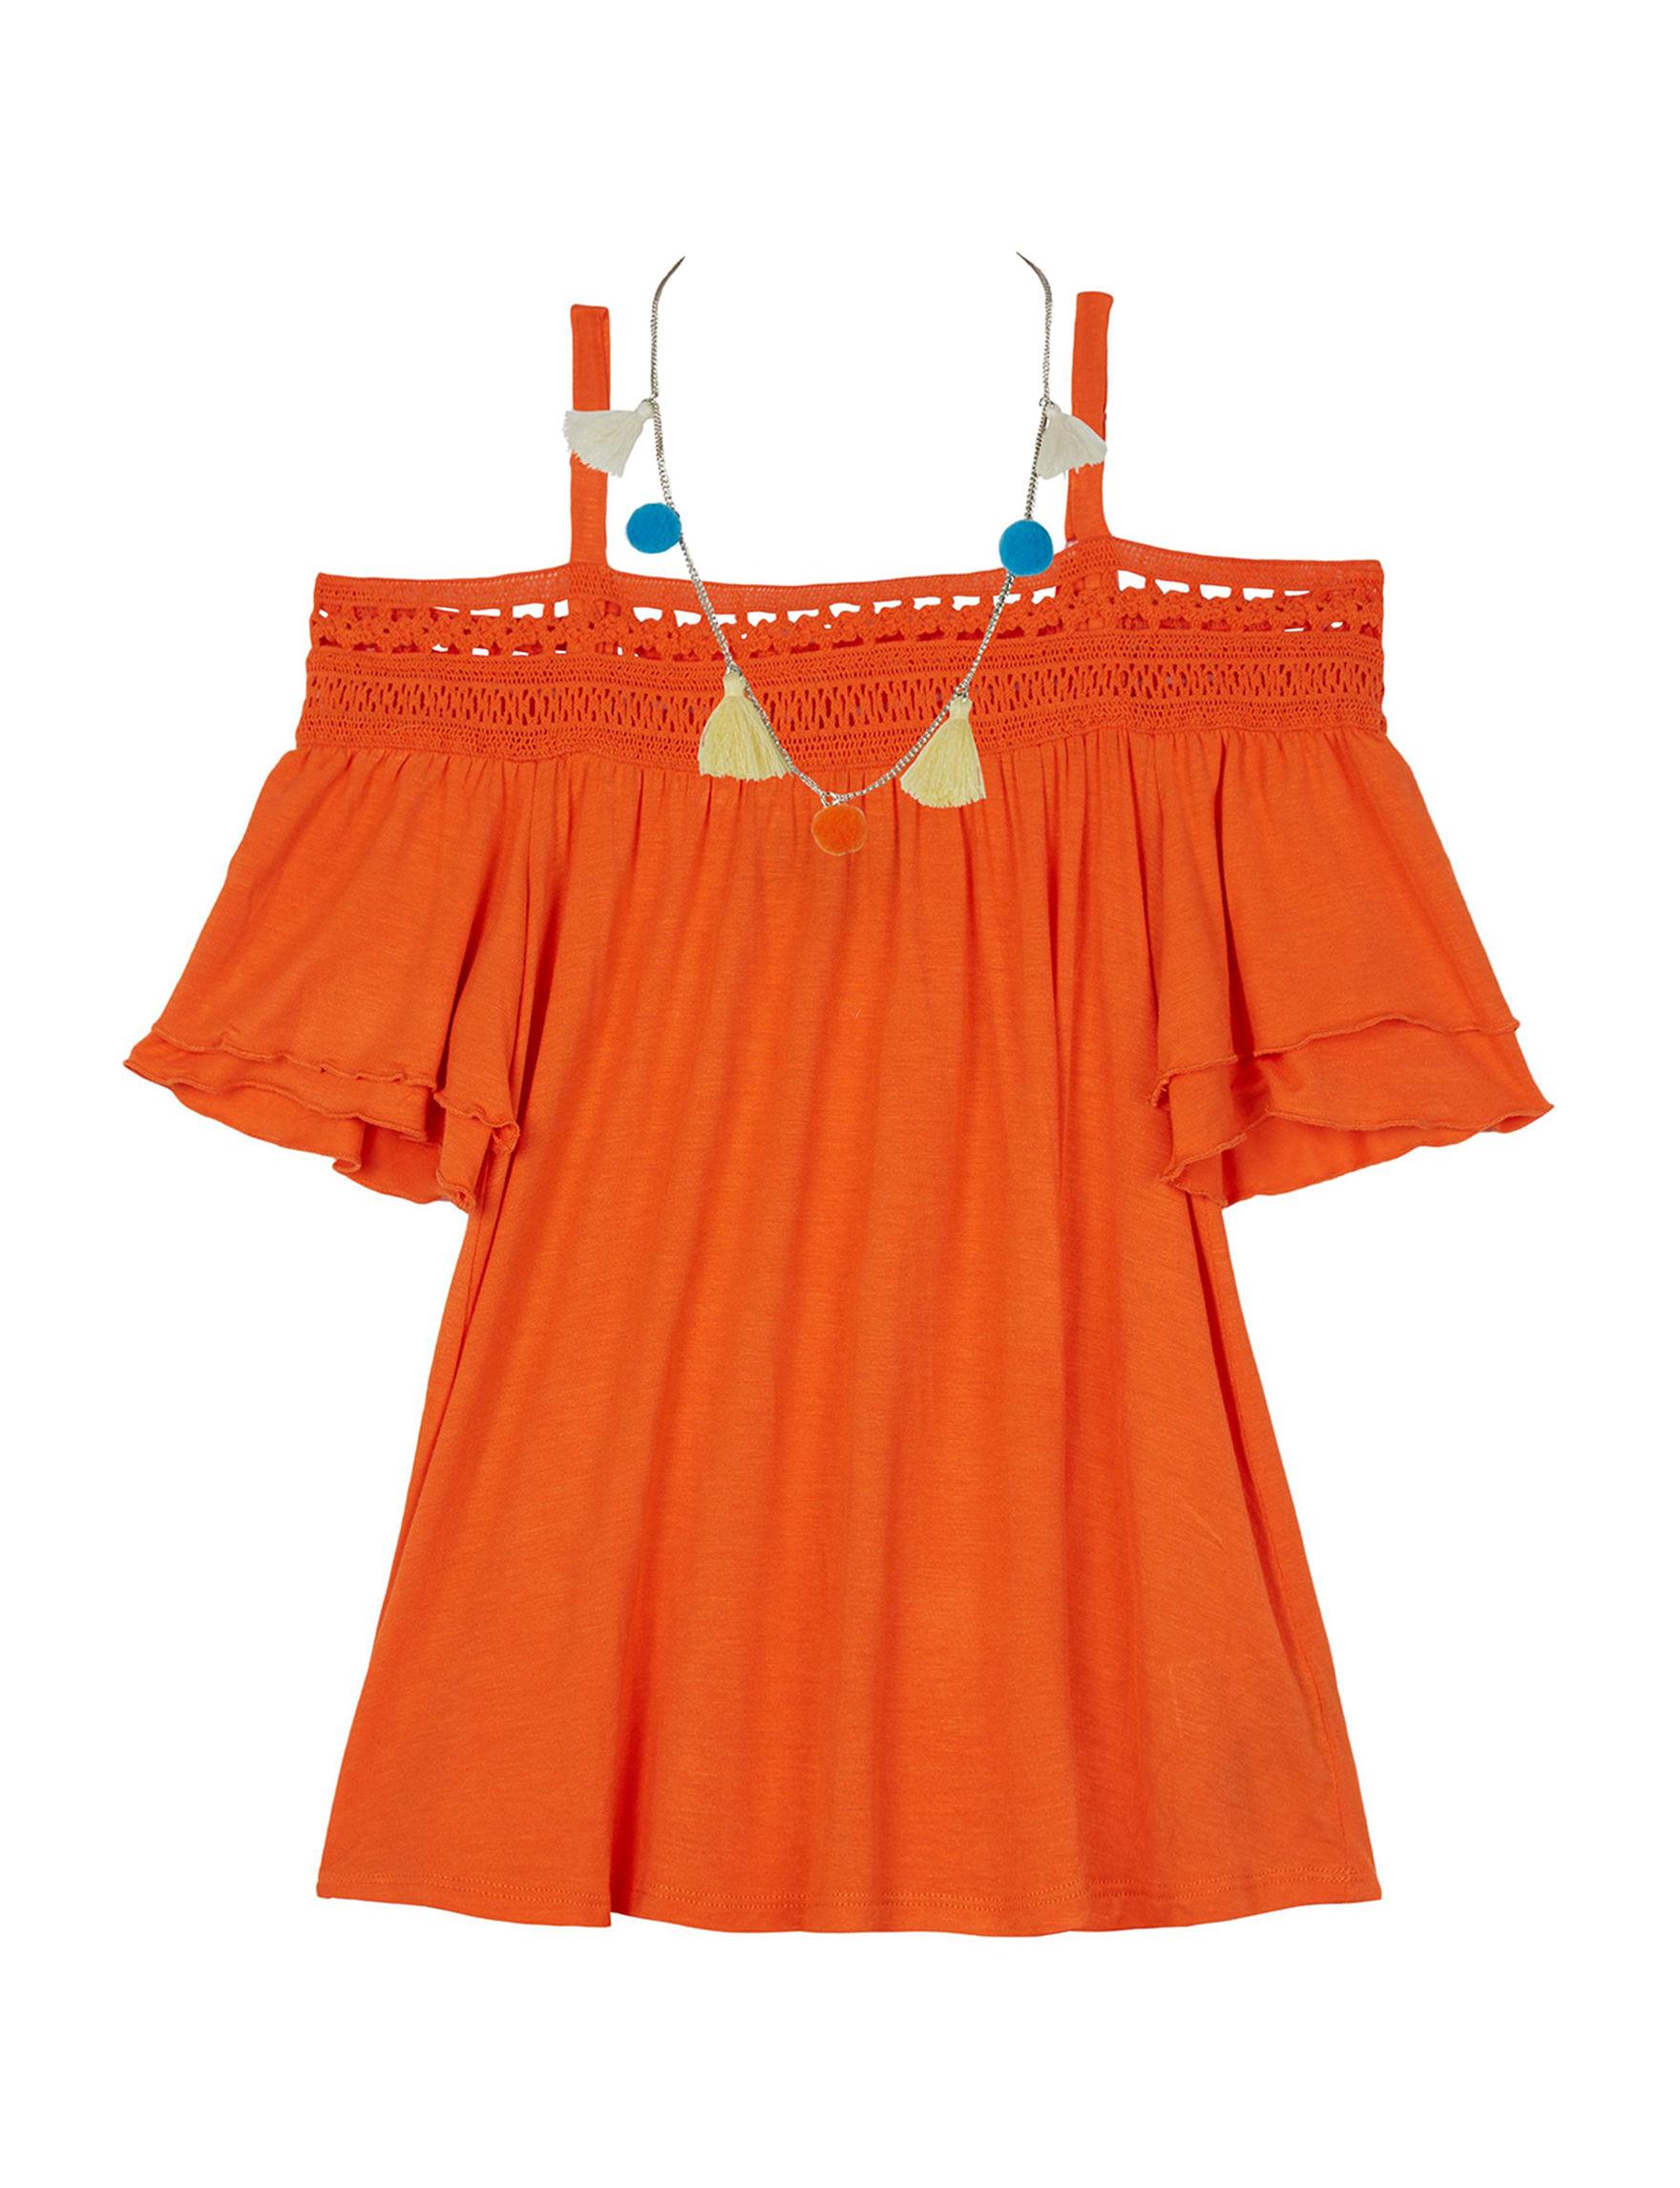 A. Byer Bright Orange